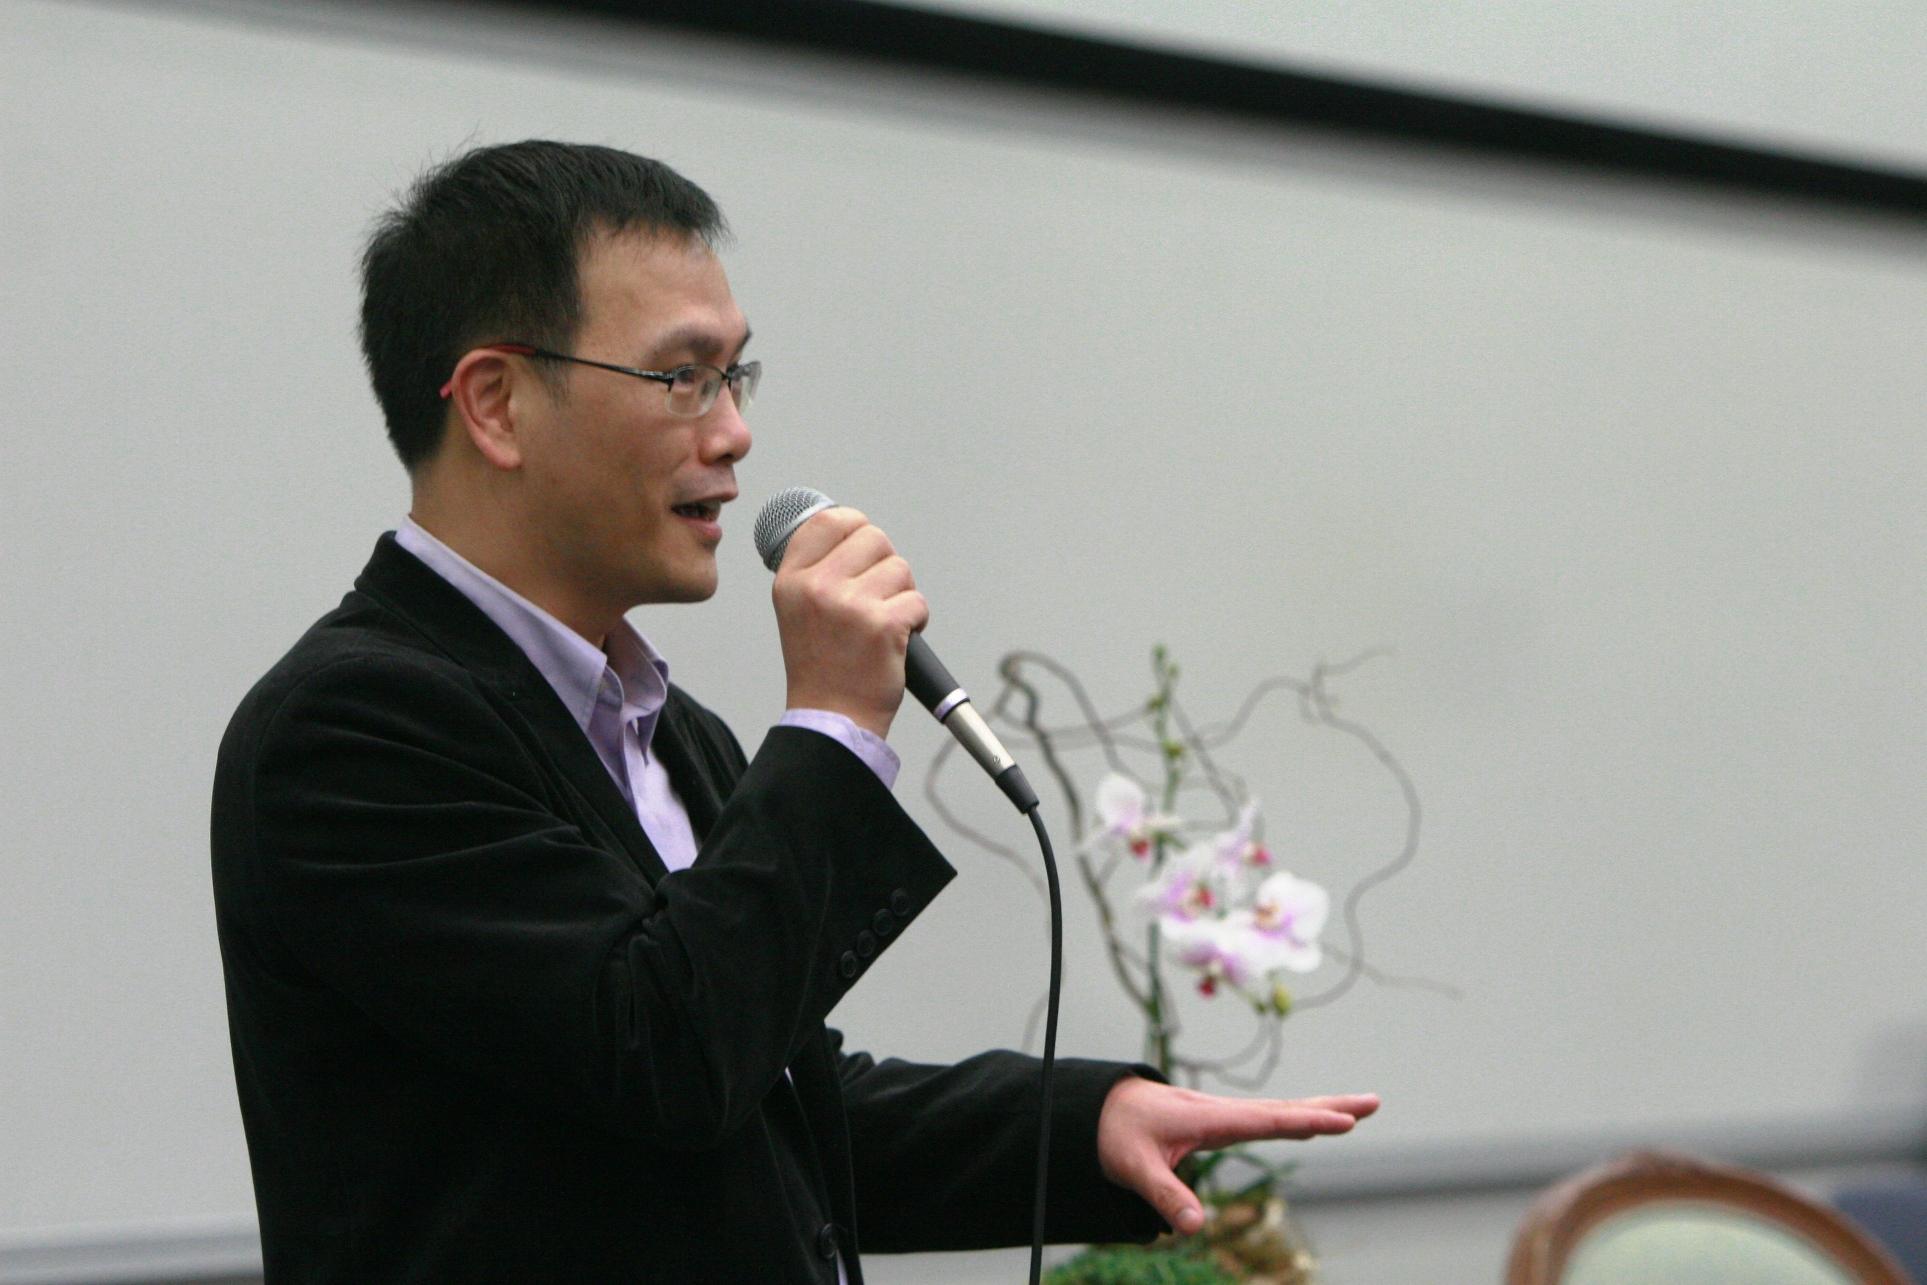 中大政治与行政学系助理教授周保松教授向观众介绍「博群大讲堂」。